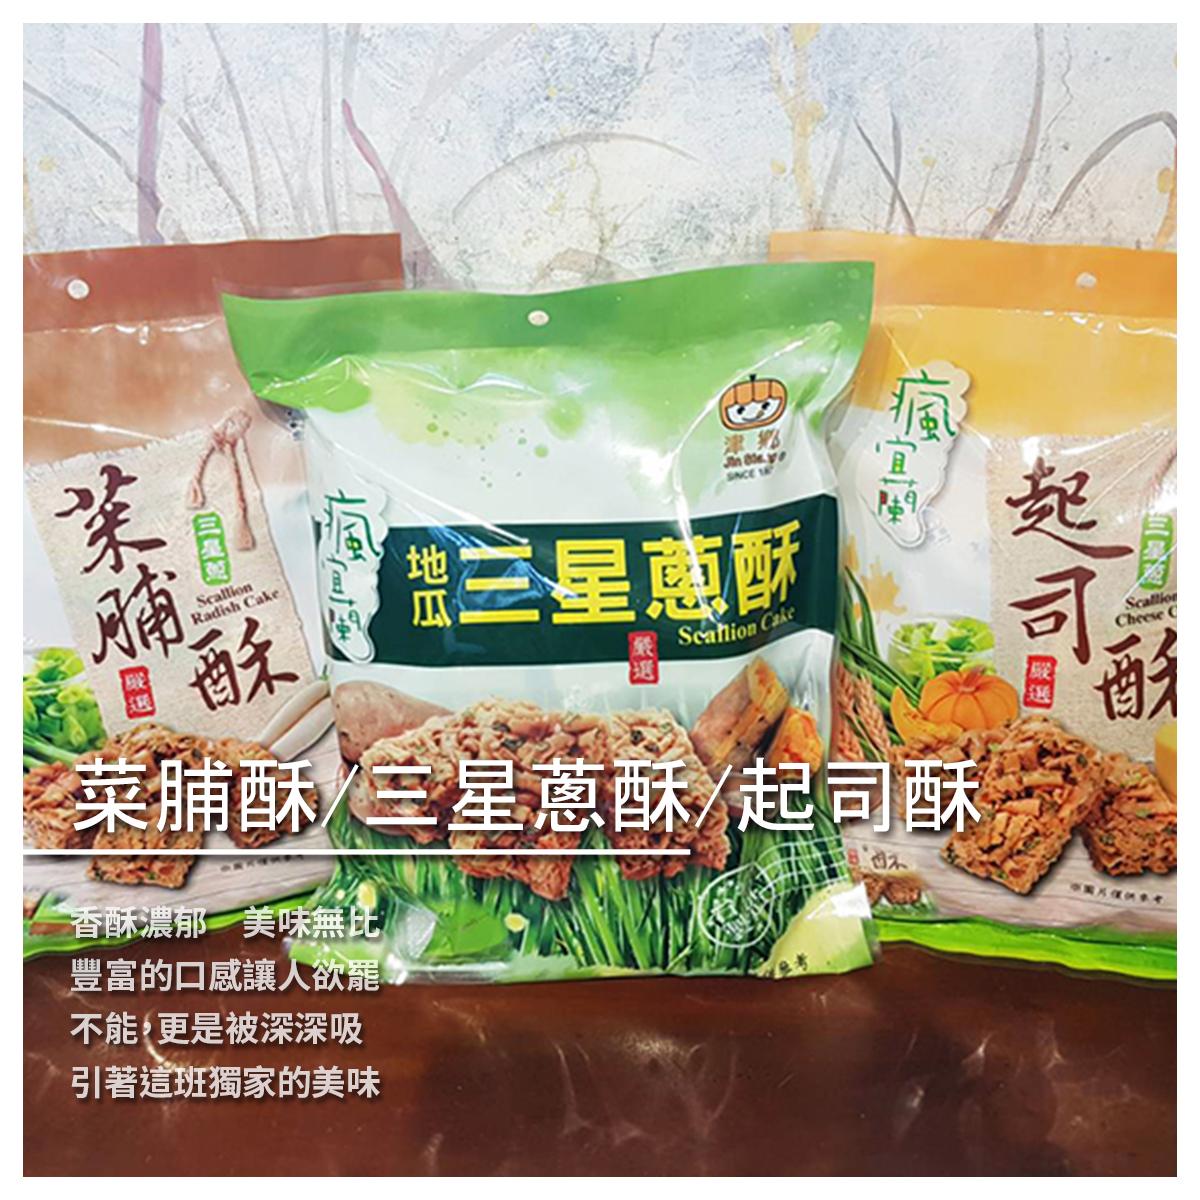 【蔥仔寮體驗農場】菜脯酥/三星蔥酥/起司酥 包